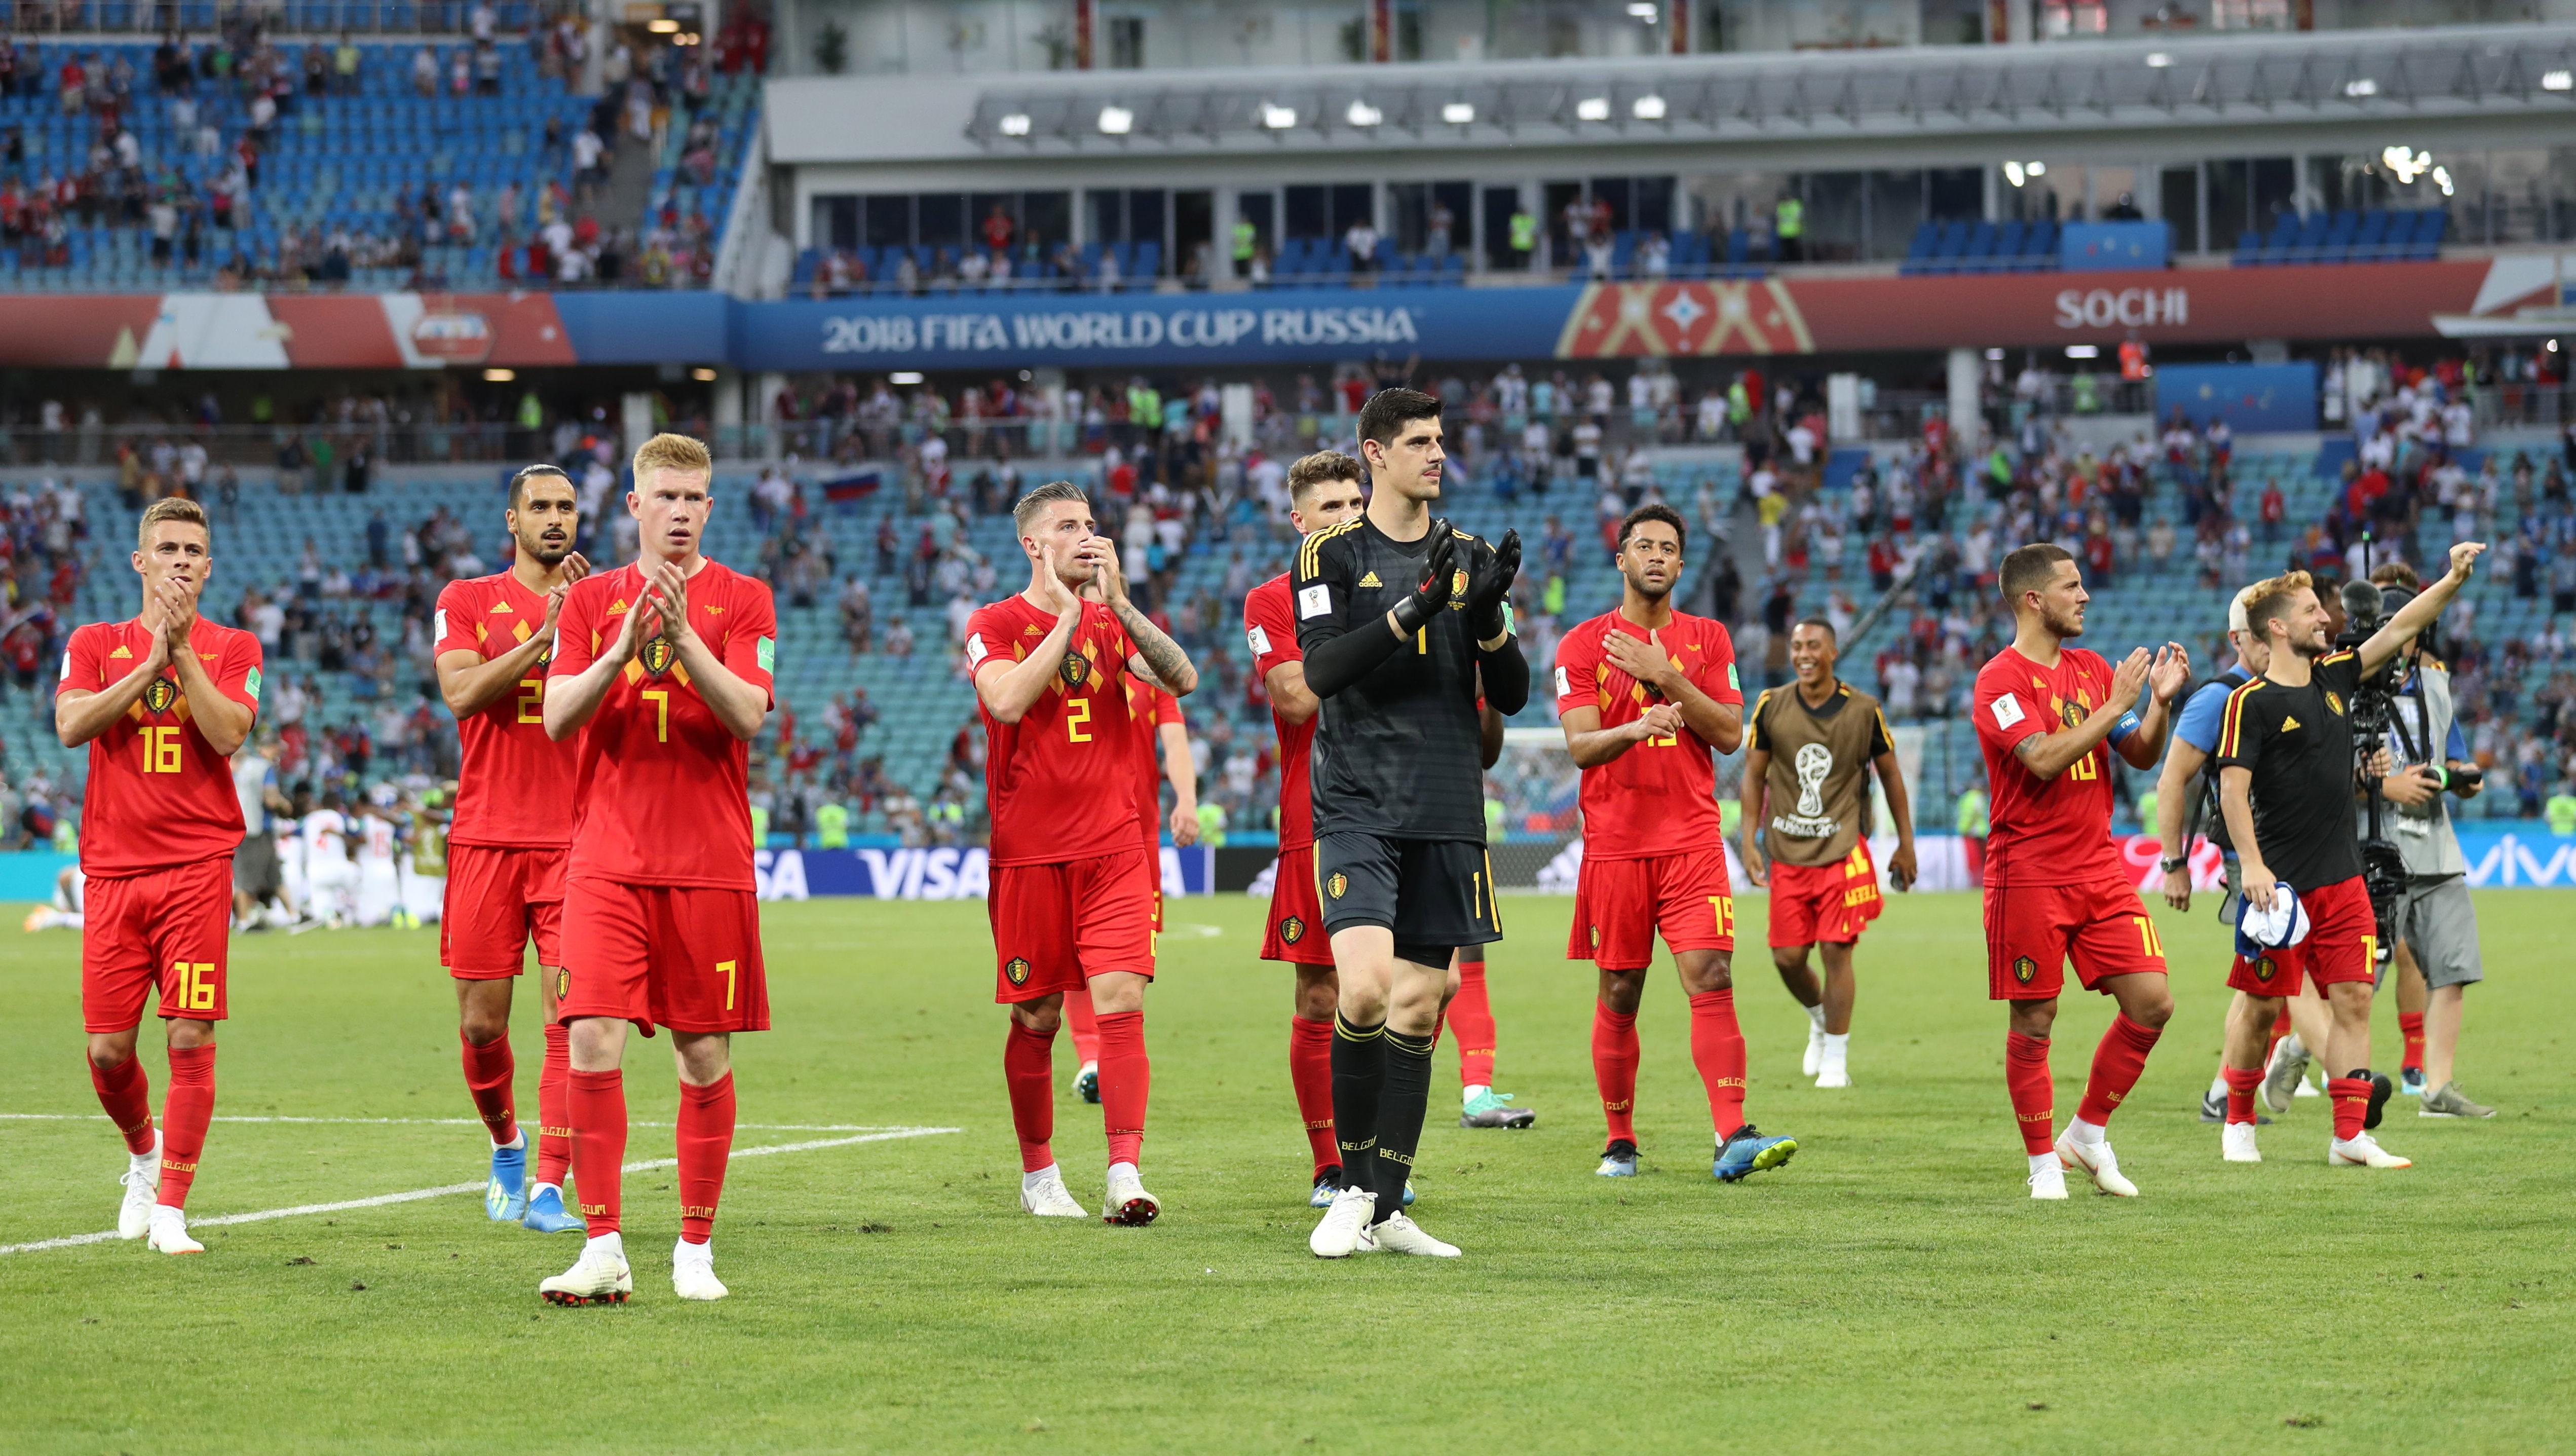 Bélgica, una de las selecciones que promete pisar fuerte en Rusia.